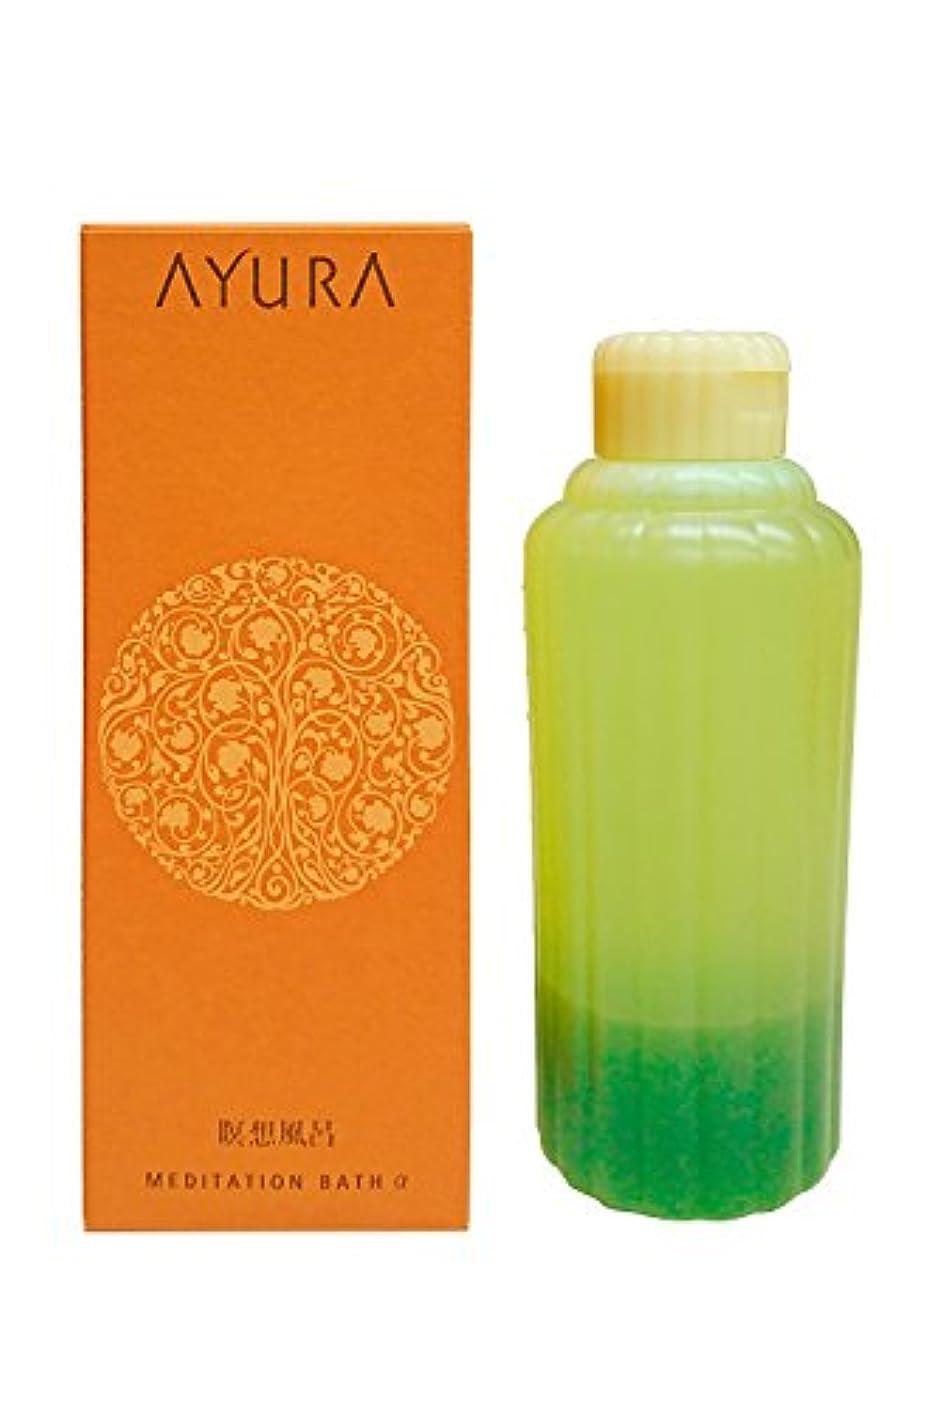 アルプス見ました手アユーラ (AYURA) メディテーションバスα 300mL 〈浴用 入浴剤〉 アロマティックハーブの香り